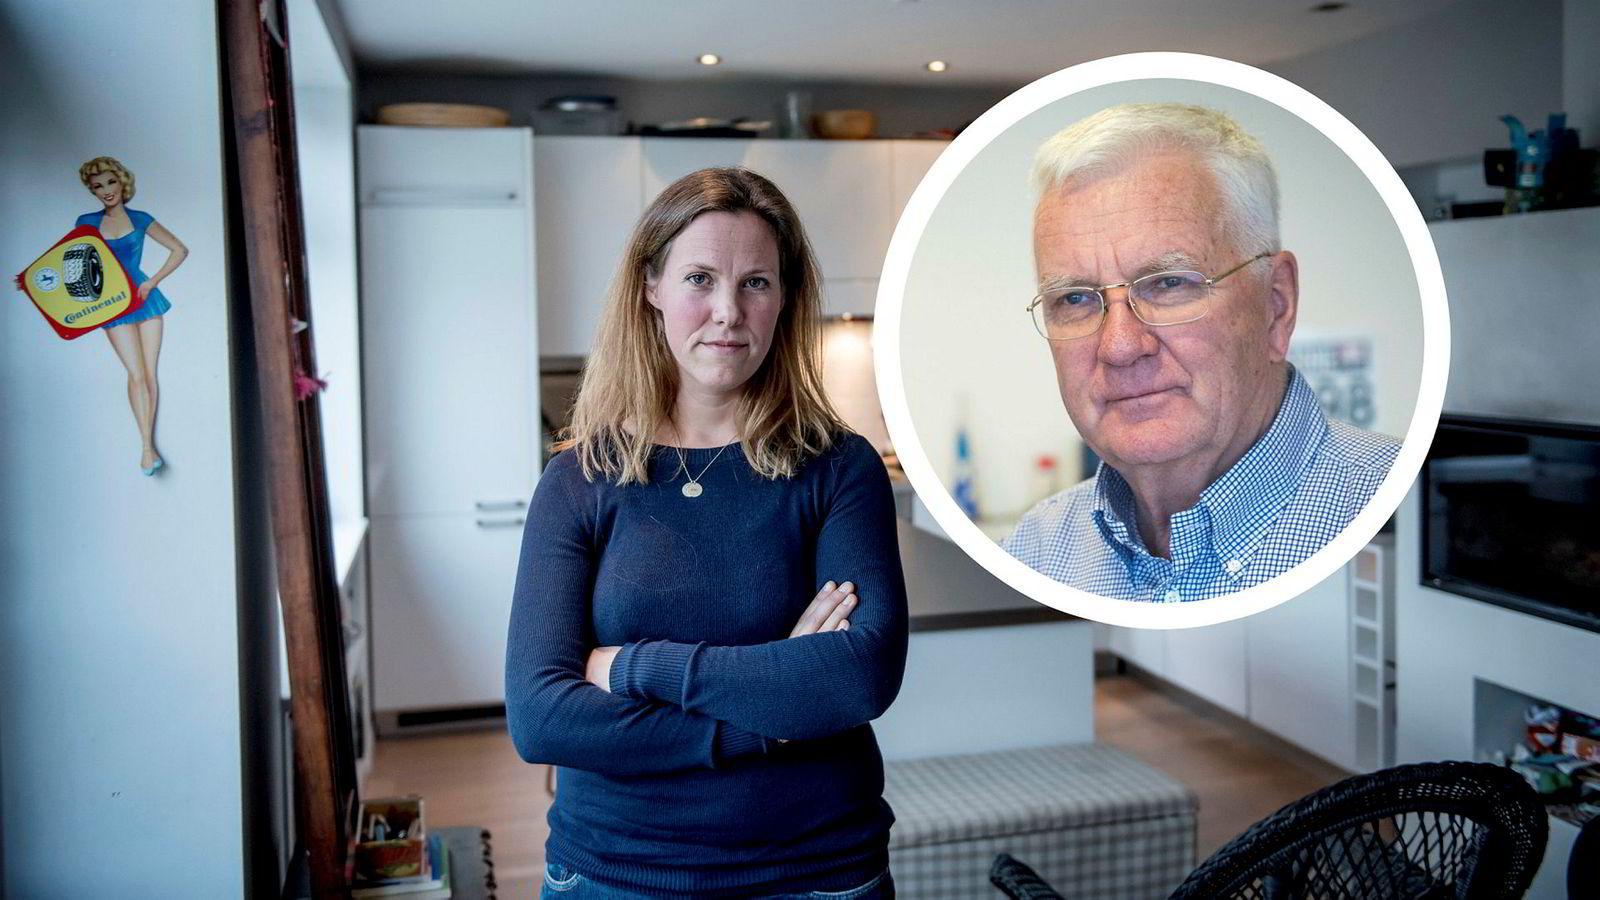 Birgitt M. Liodden, direktør for bærekraft, havromsnæringer og kommunikasjon i Oslo Business Region, og redaktør Trygve Hegnar i Finansavisen.